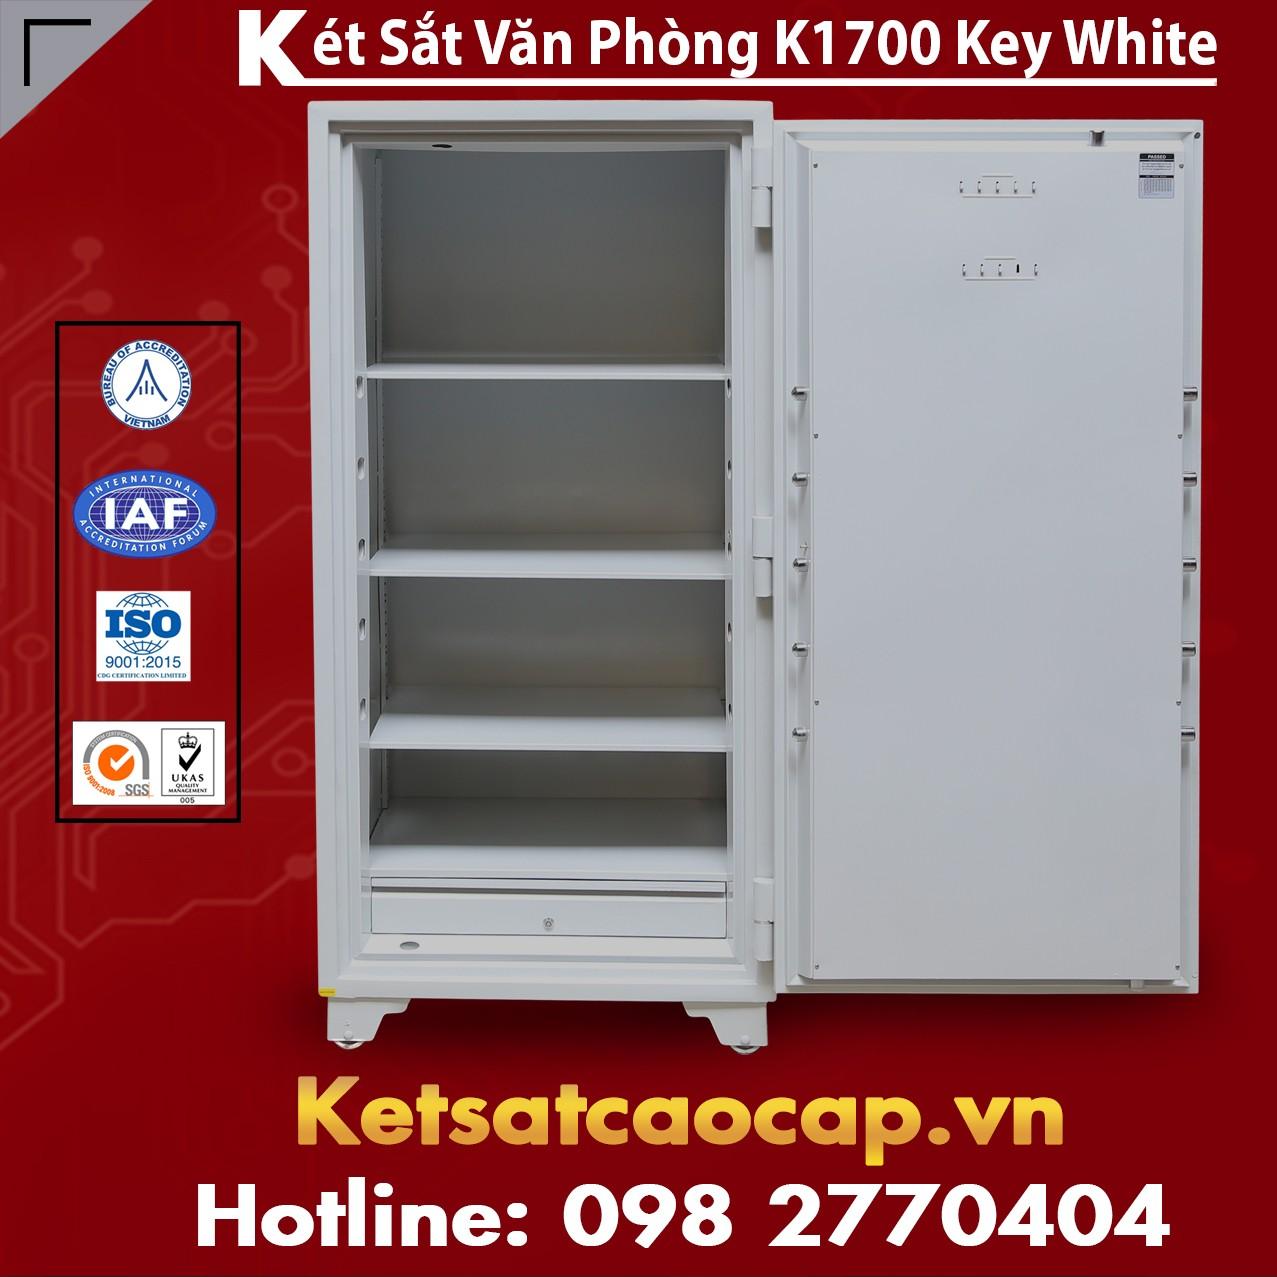 Nhà Máy Sản Xuất Két Sắt Văn Phòng chất lượng cao cấp số 1 Việt Nam